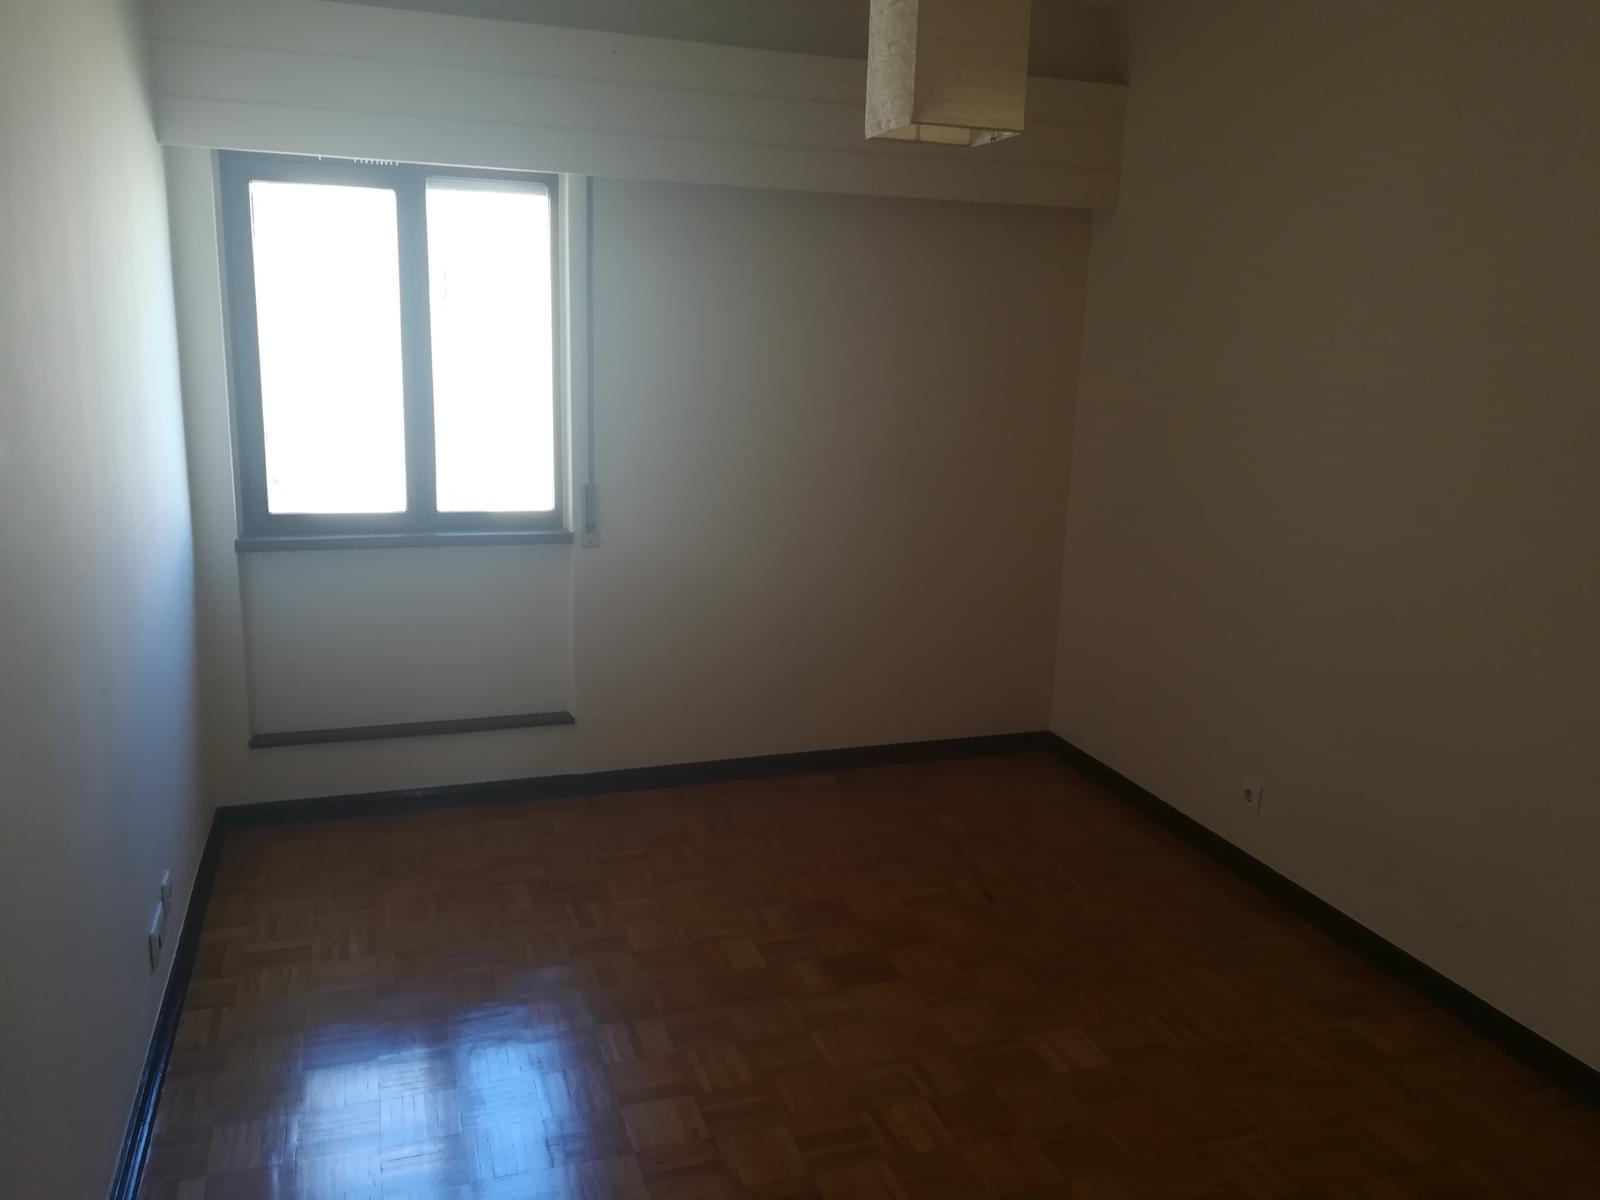 pf17568-apartamento-t3-oeiras-d5543722-0c61-45fb-87ad-903079f8f0f3